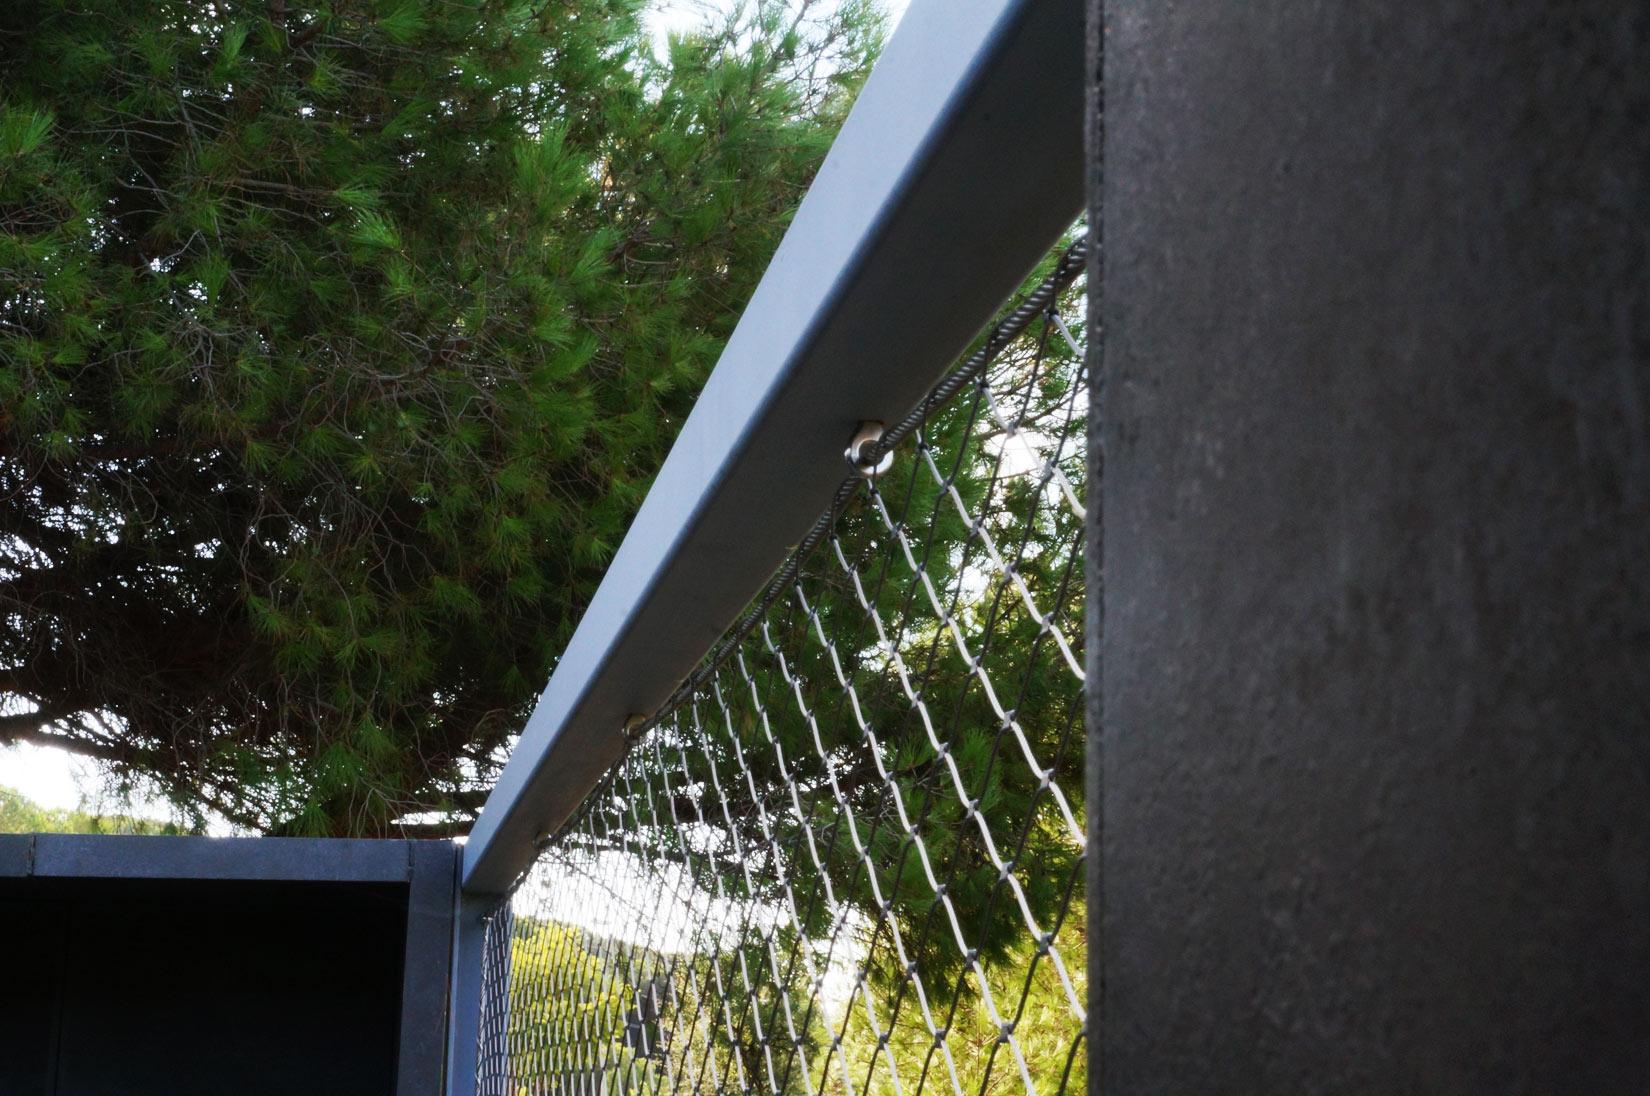 Malla cables acero-Magda Sunyer